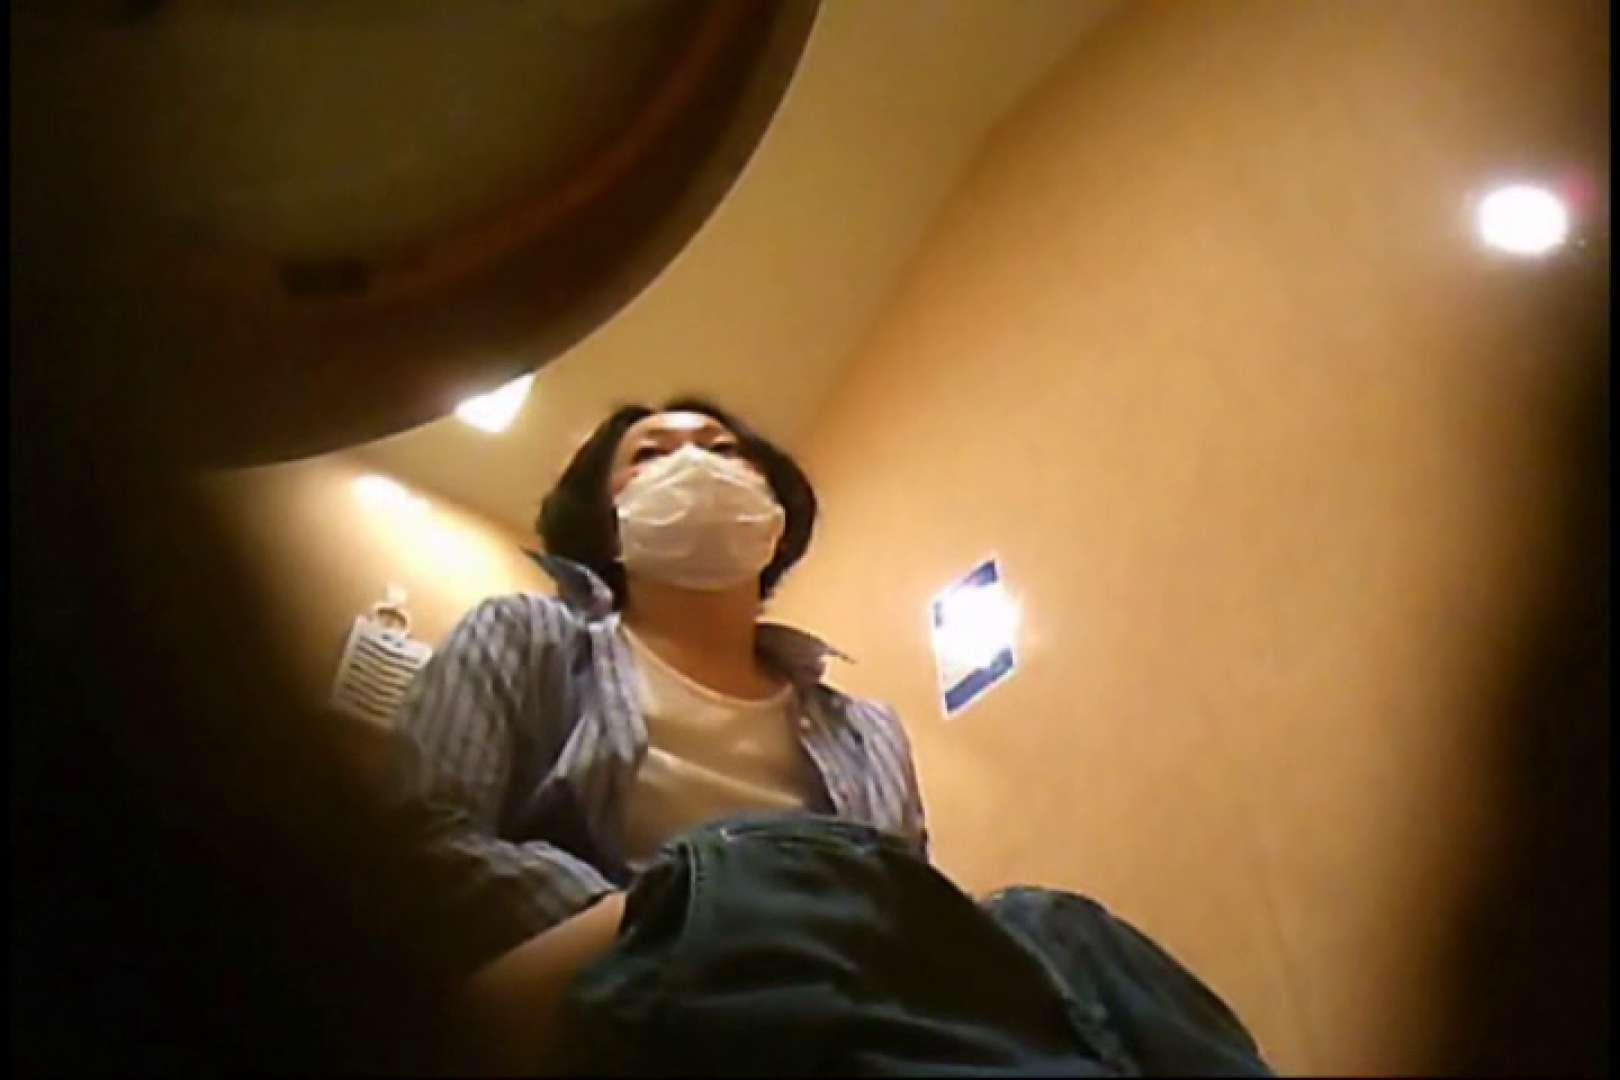 潜入!!女子化粧室盗撮~絶対見られたくない時間~vo,104 潜入 | 盗撮  56画像 1